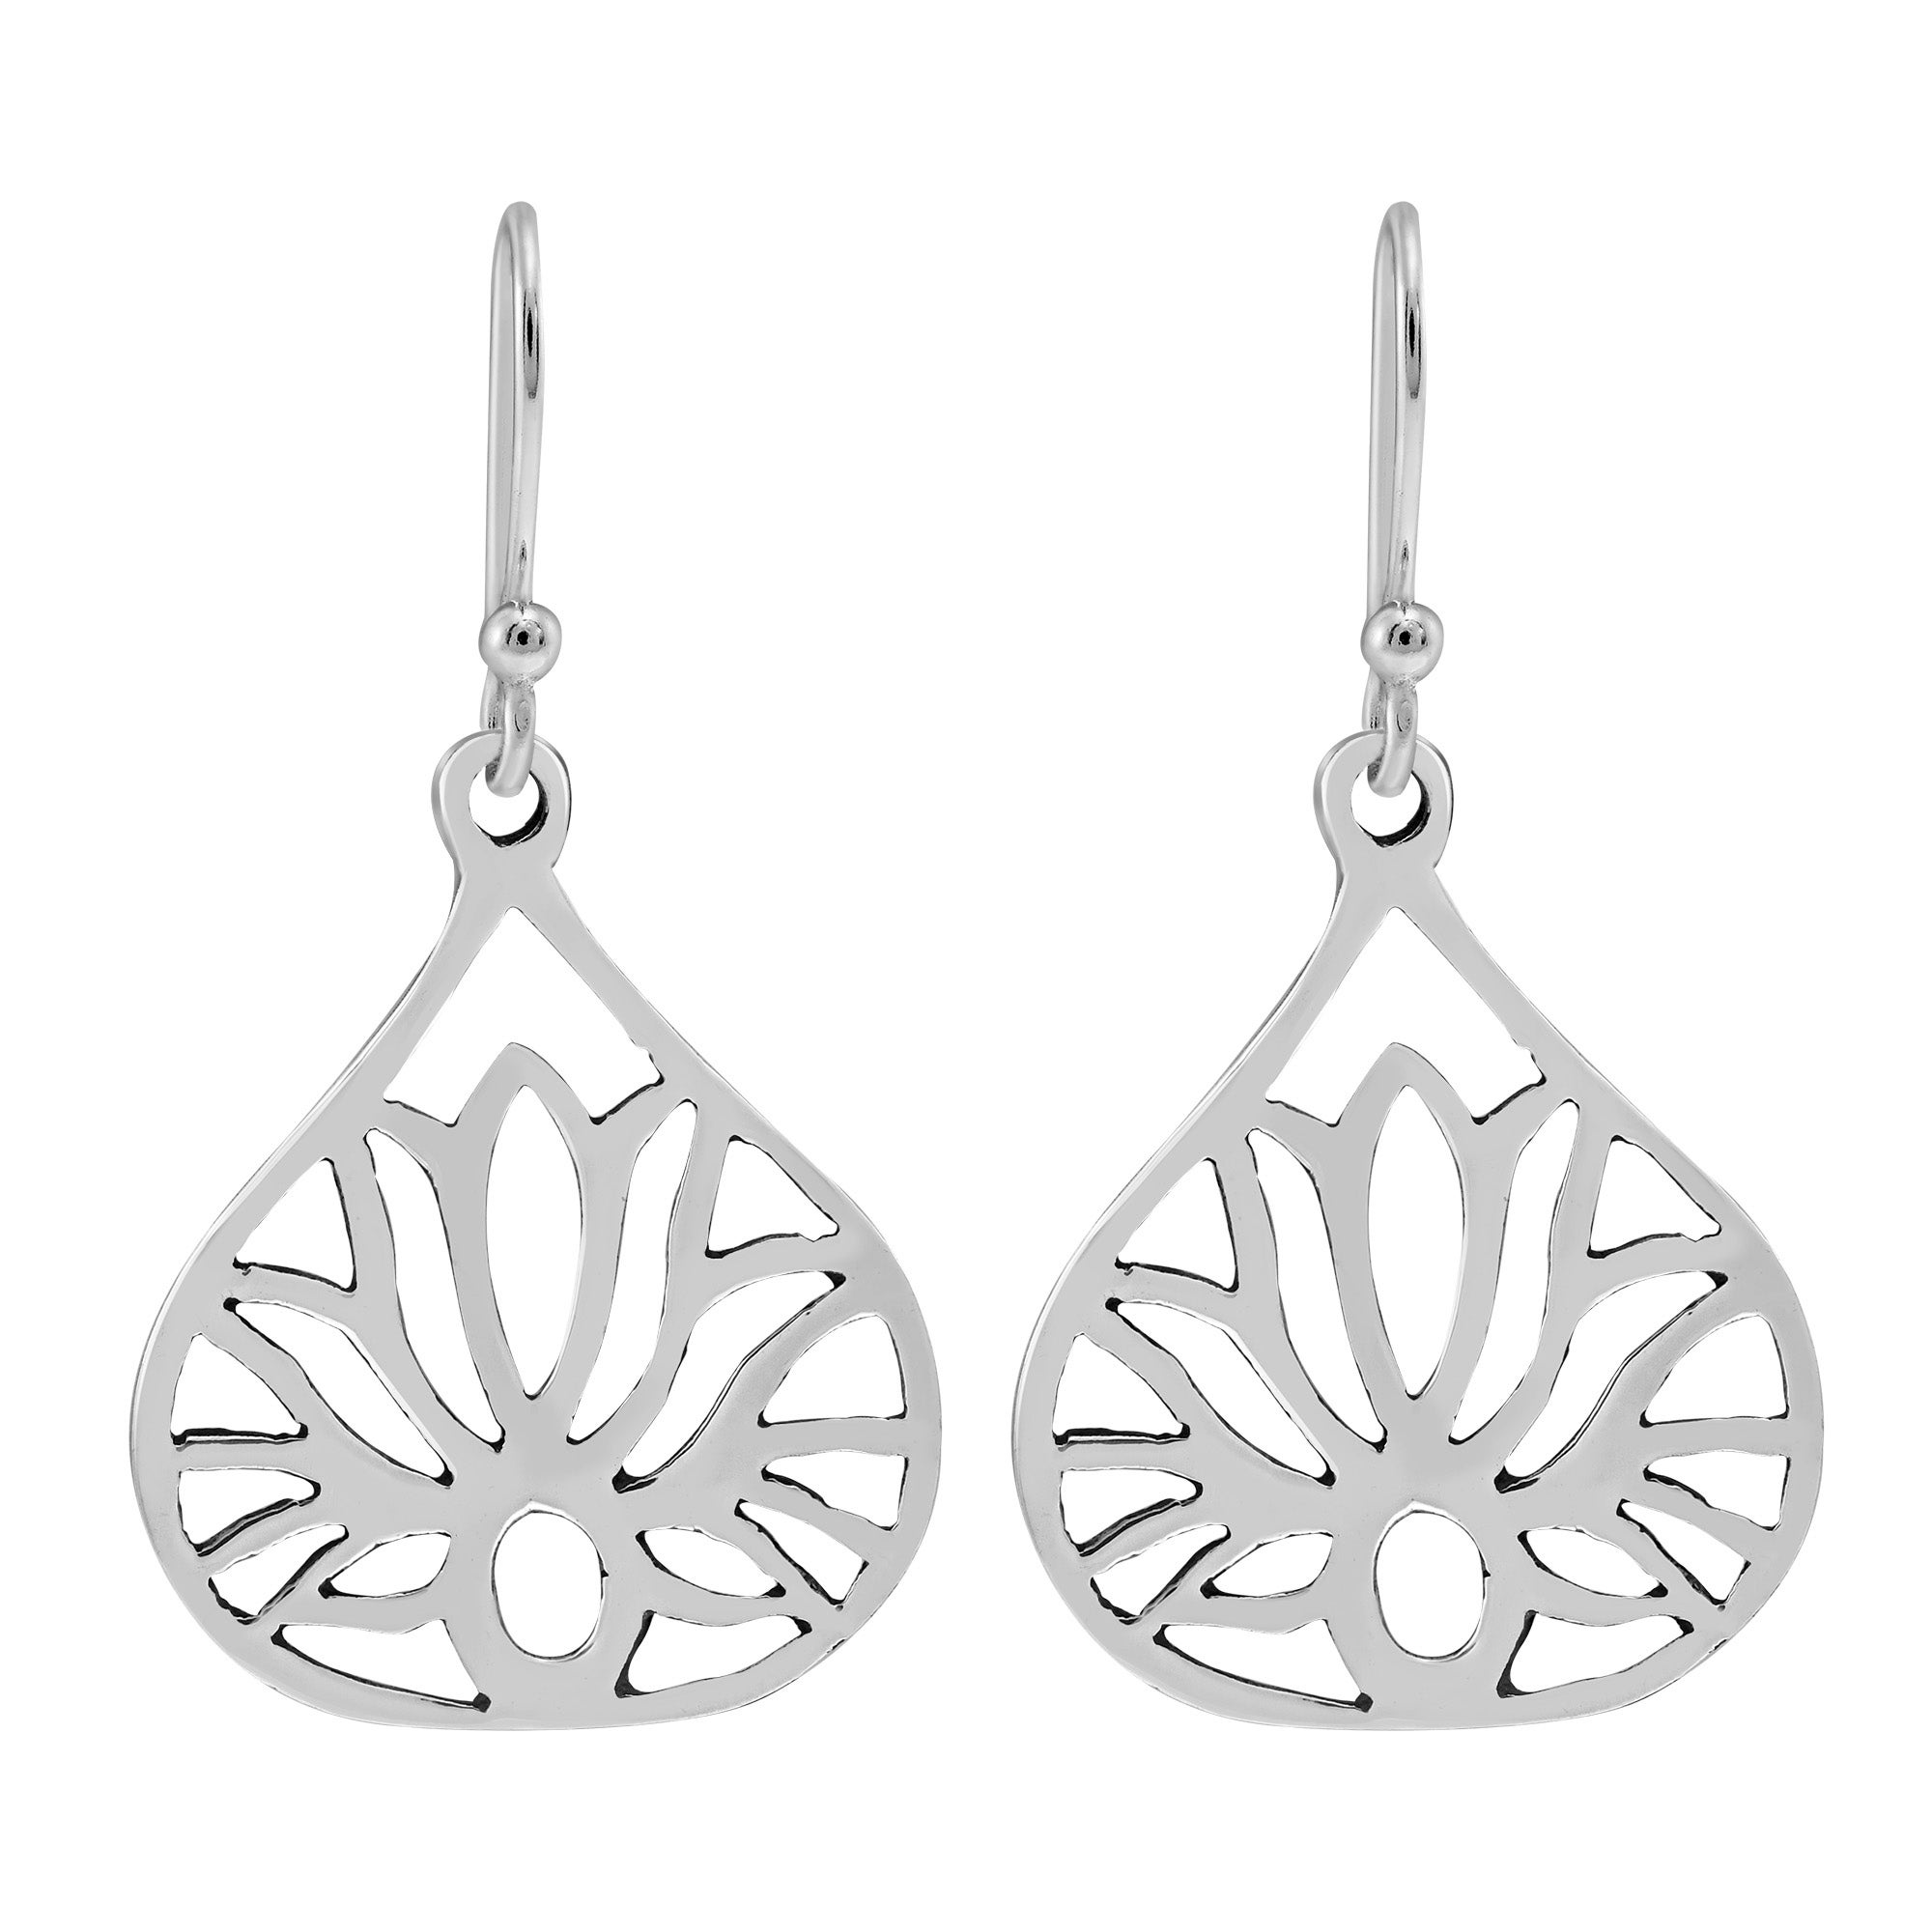 Handmade Jewelry Sterling Silver Earrings Lotus Flower Earrings Jewelry With Meaning Dangle Drop Earrings Turquoise Stone Earrings